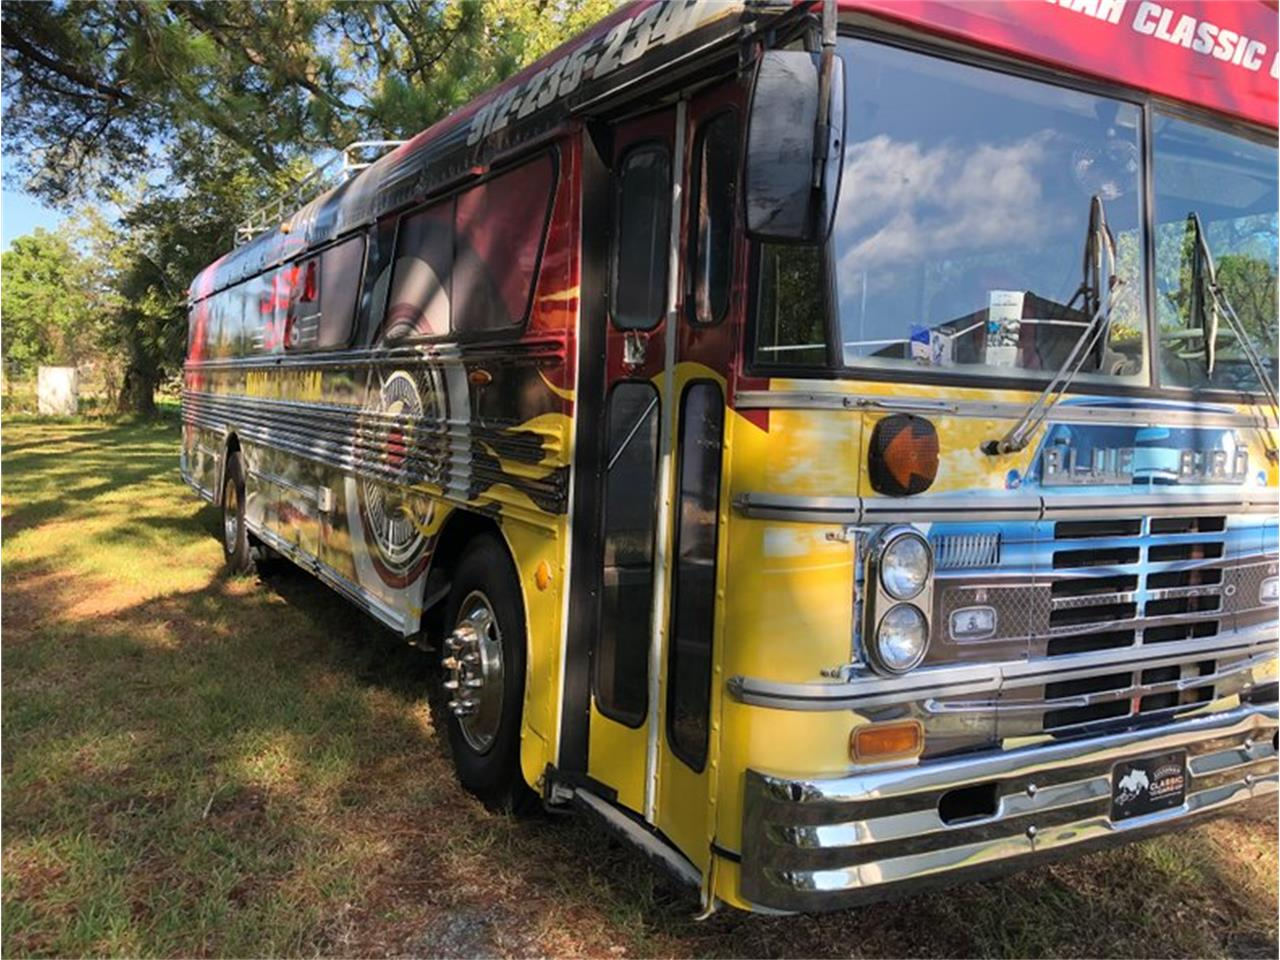 1974 Blue Bird Bus (CC-1276108) for sale in Savannah, Georgia